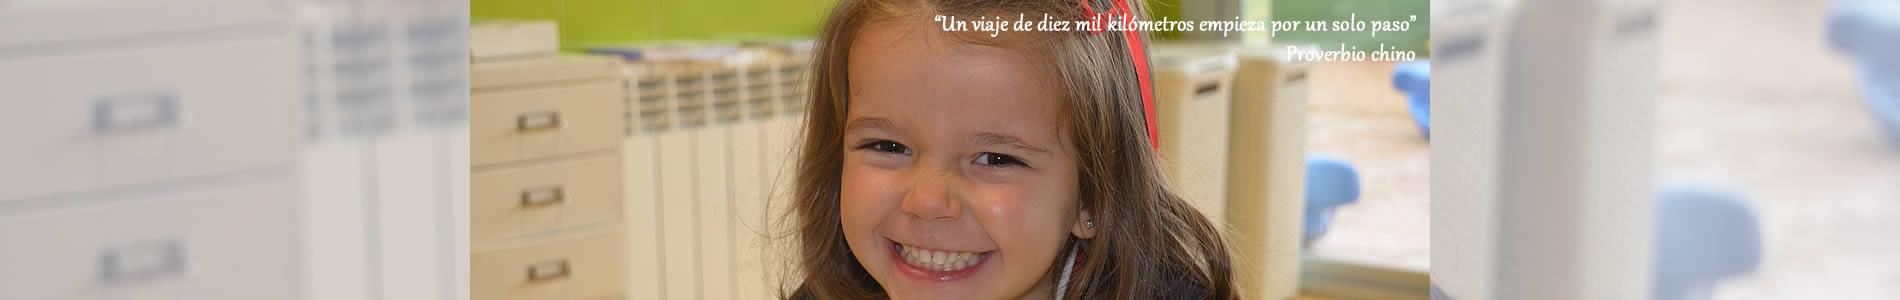 COLEGIO MAYOL - COLEGIO INTERNADO - EDUCACIÓN INFANTIL GUARDERIA VIII